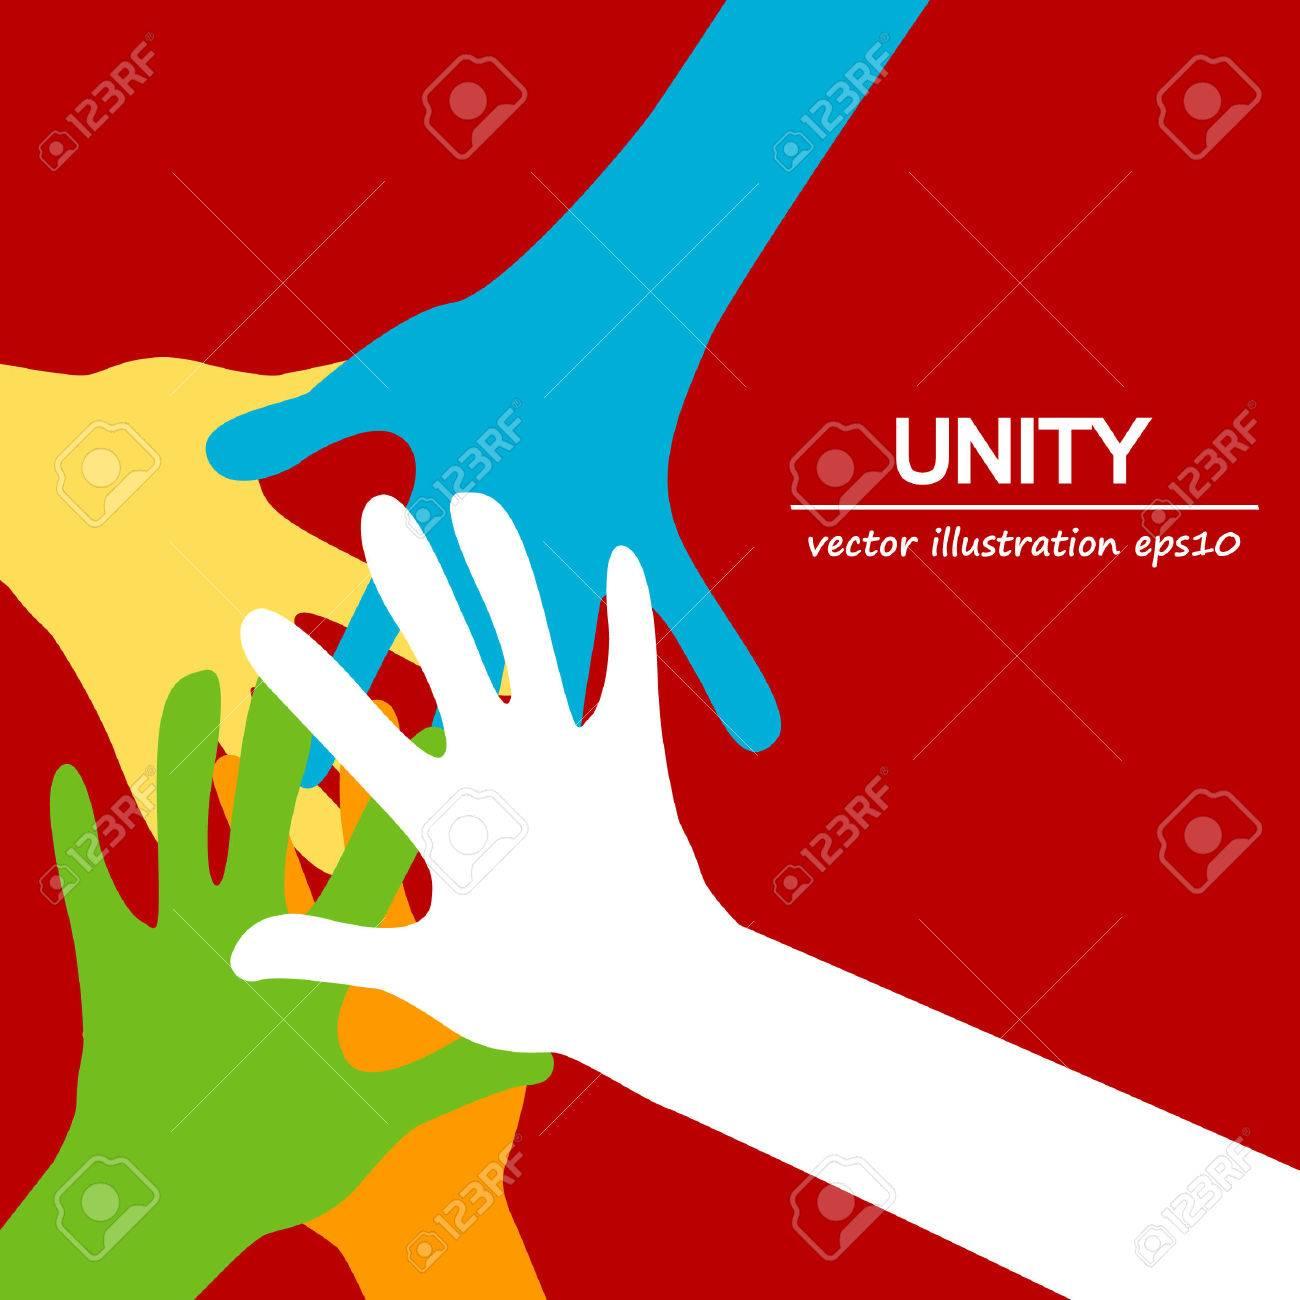 hands diverse togetherness - 66088446